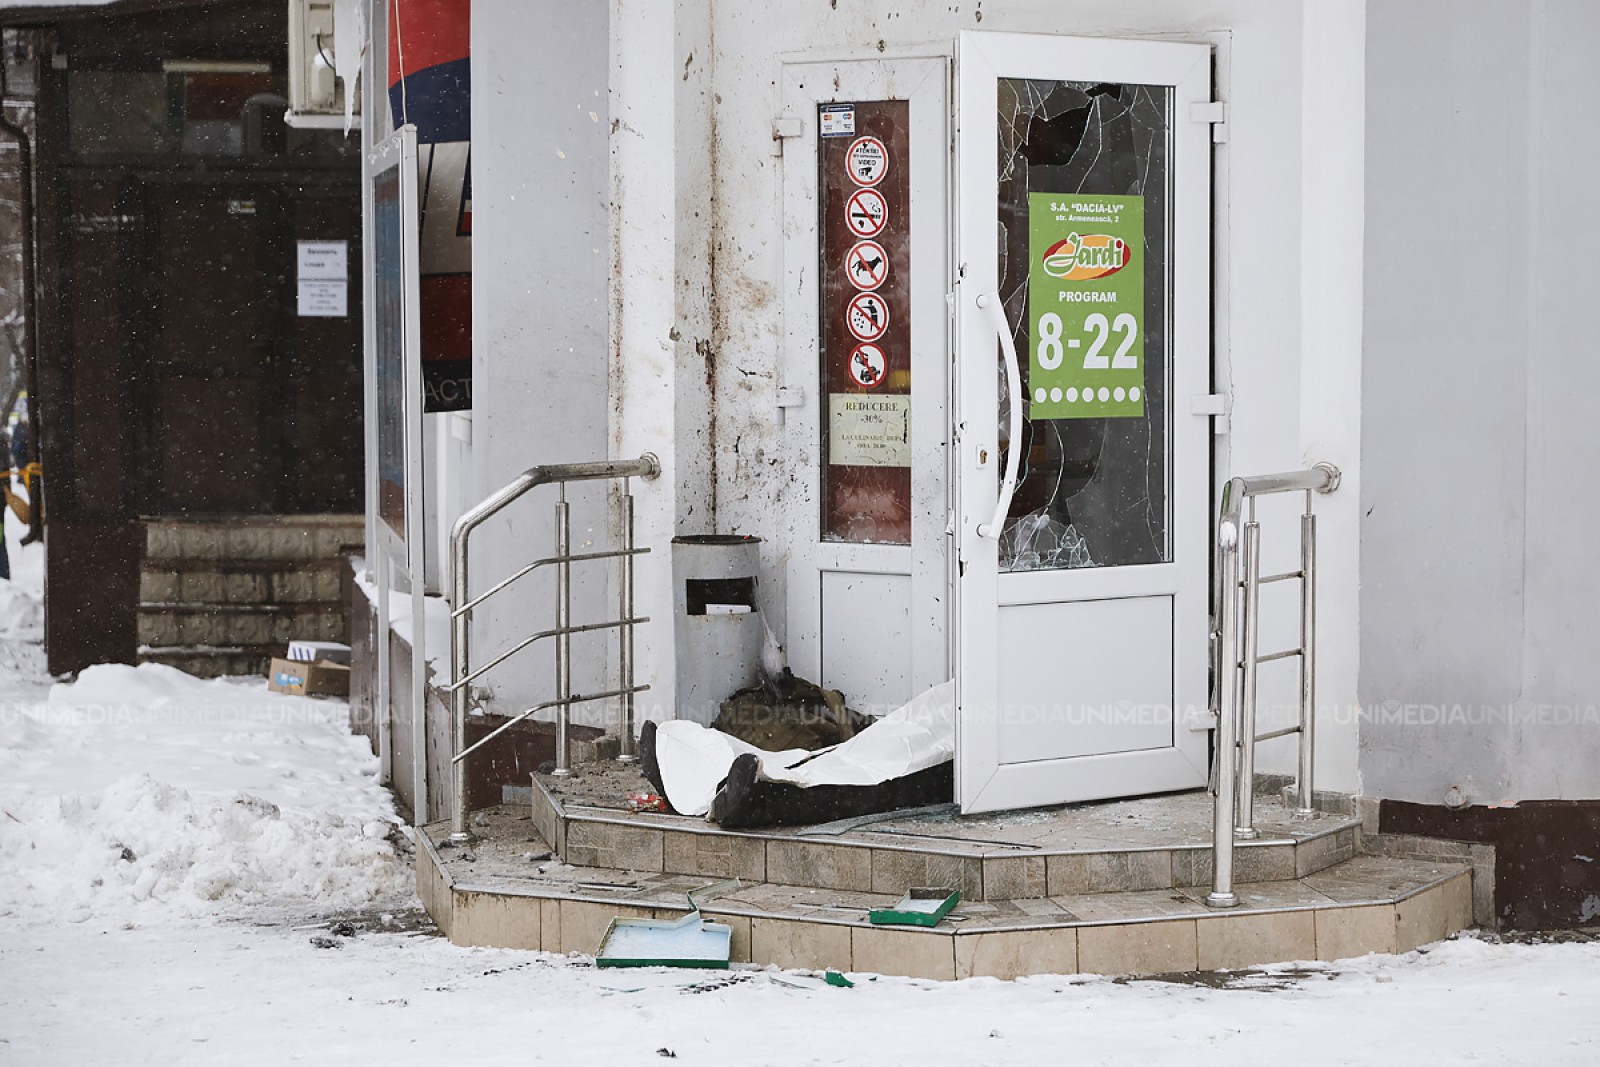 Explozia din alimentară: Bărbatul care a adus grenada teroriza cartierul